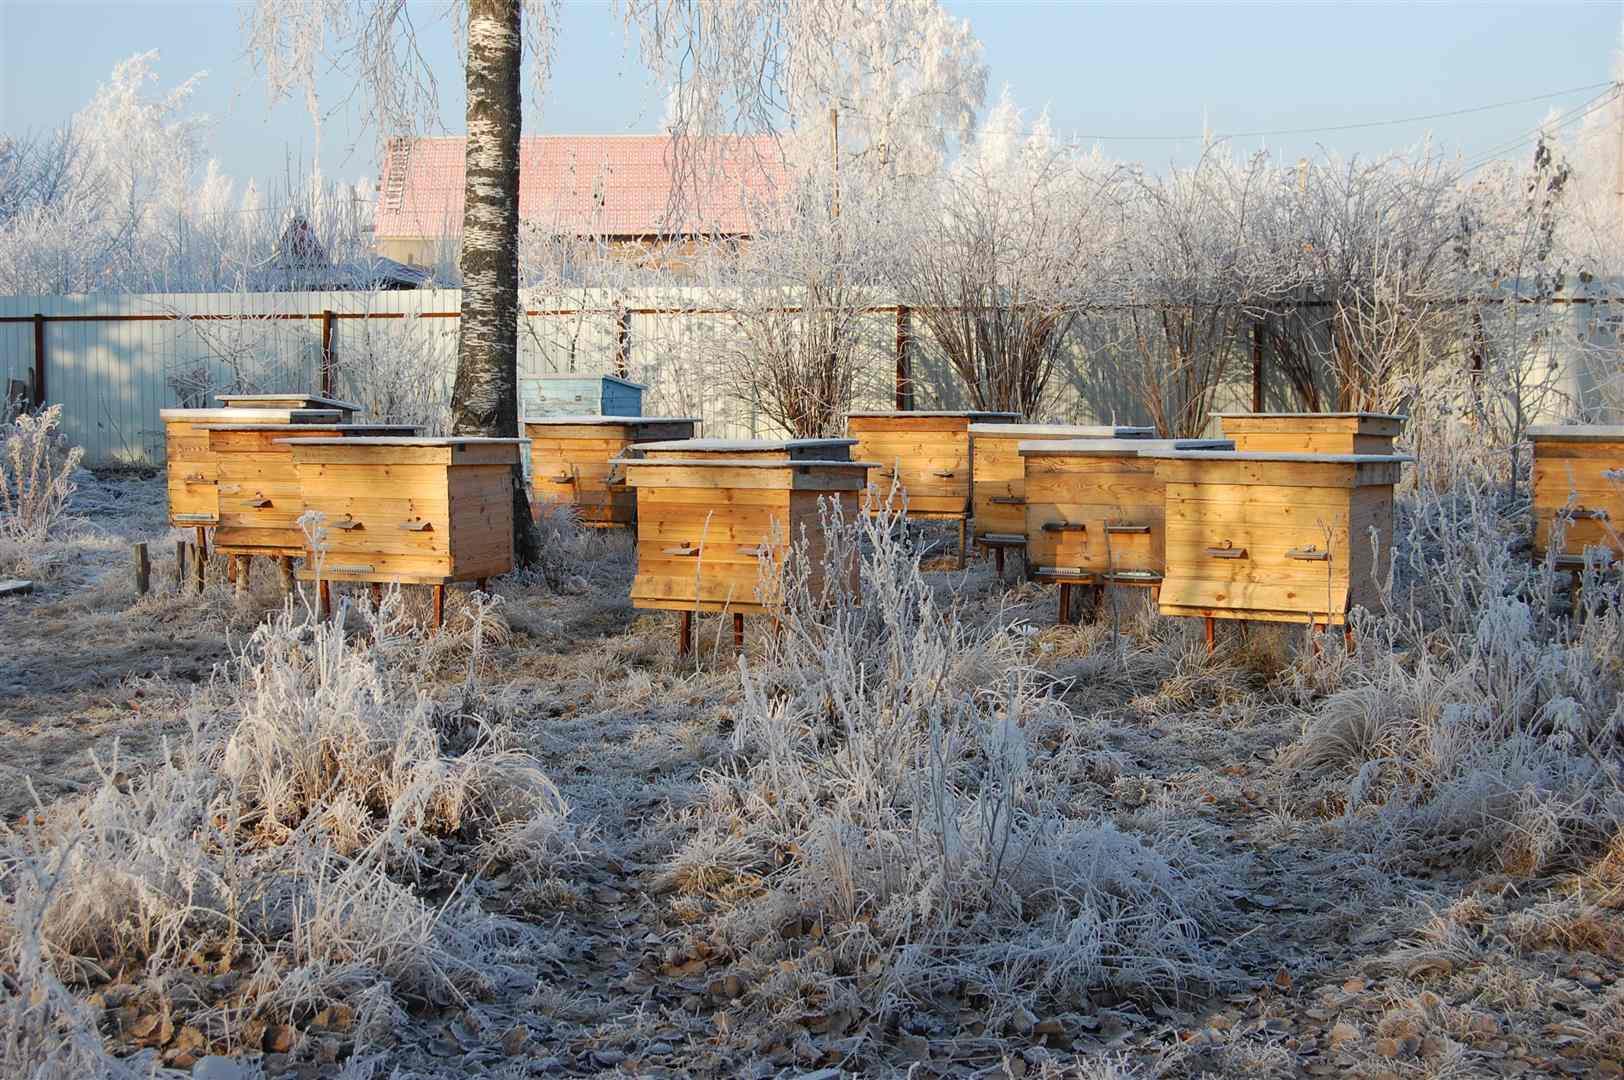 Die Bienen werden mit Steppdecken gegen die Kälte geschützt